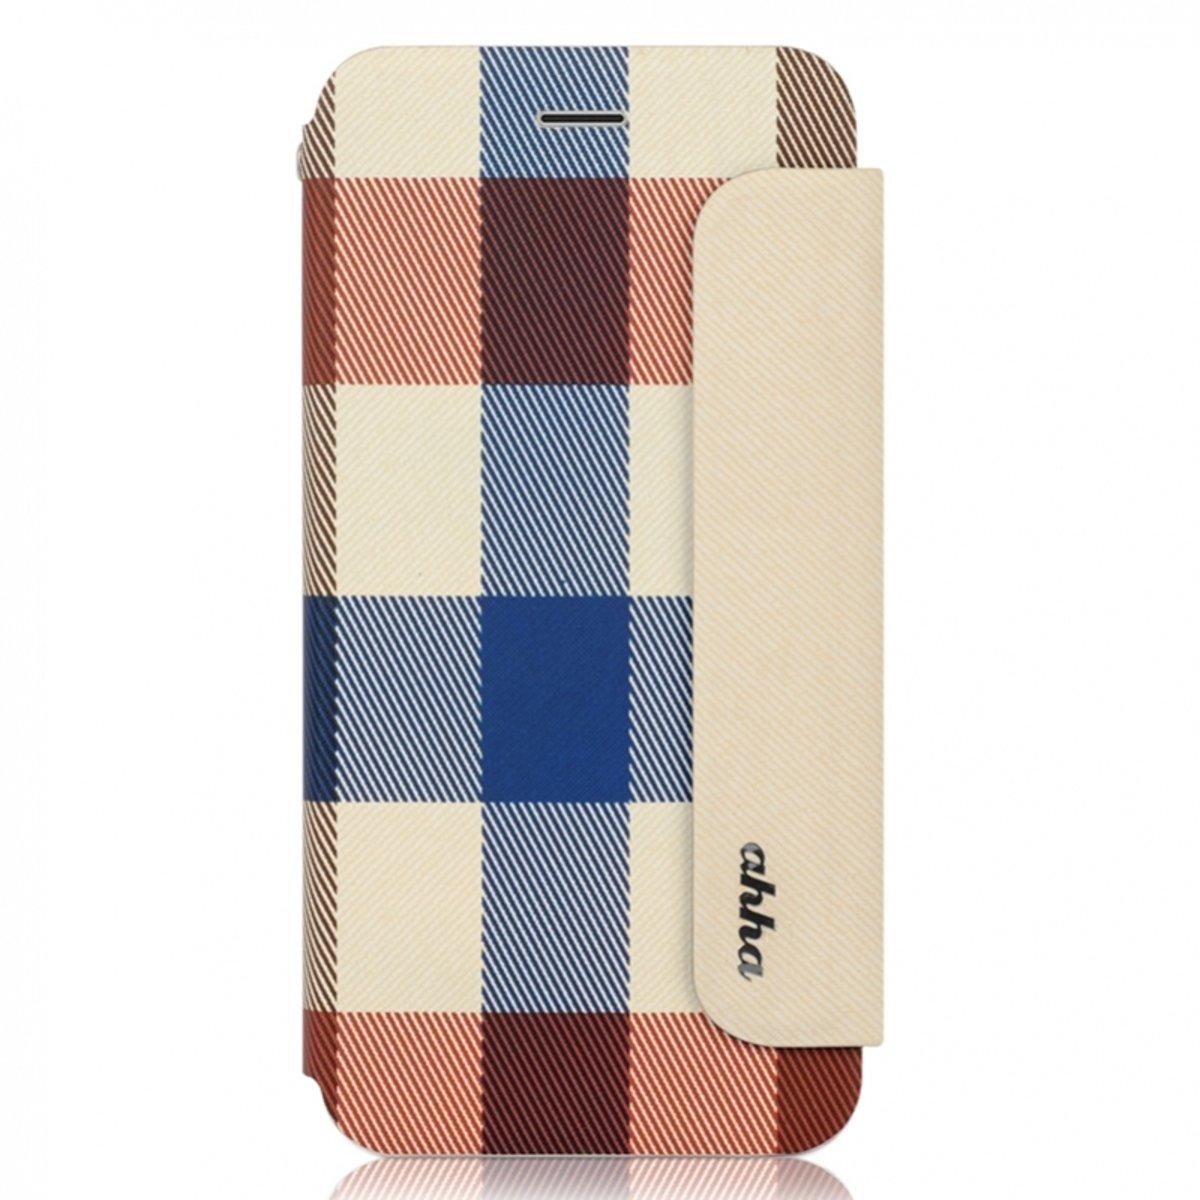 """Ahha iPhone 6 Plus (5.5"""") 米白藍色格仔手機套"""